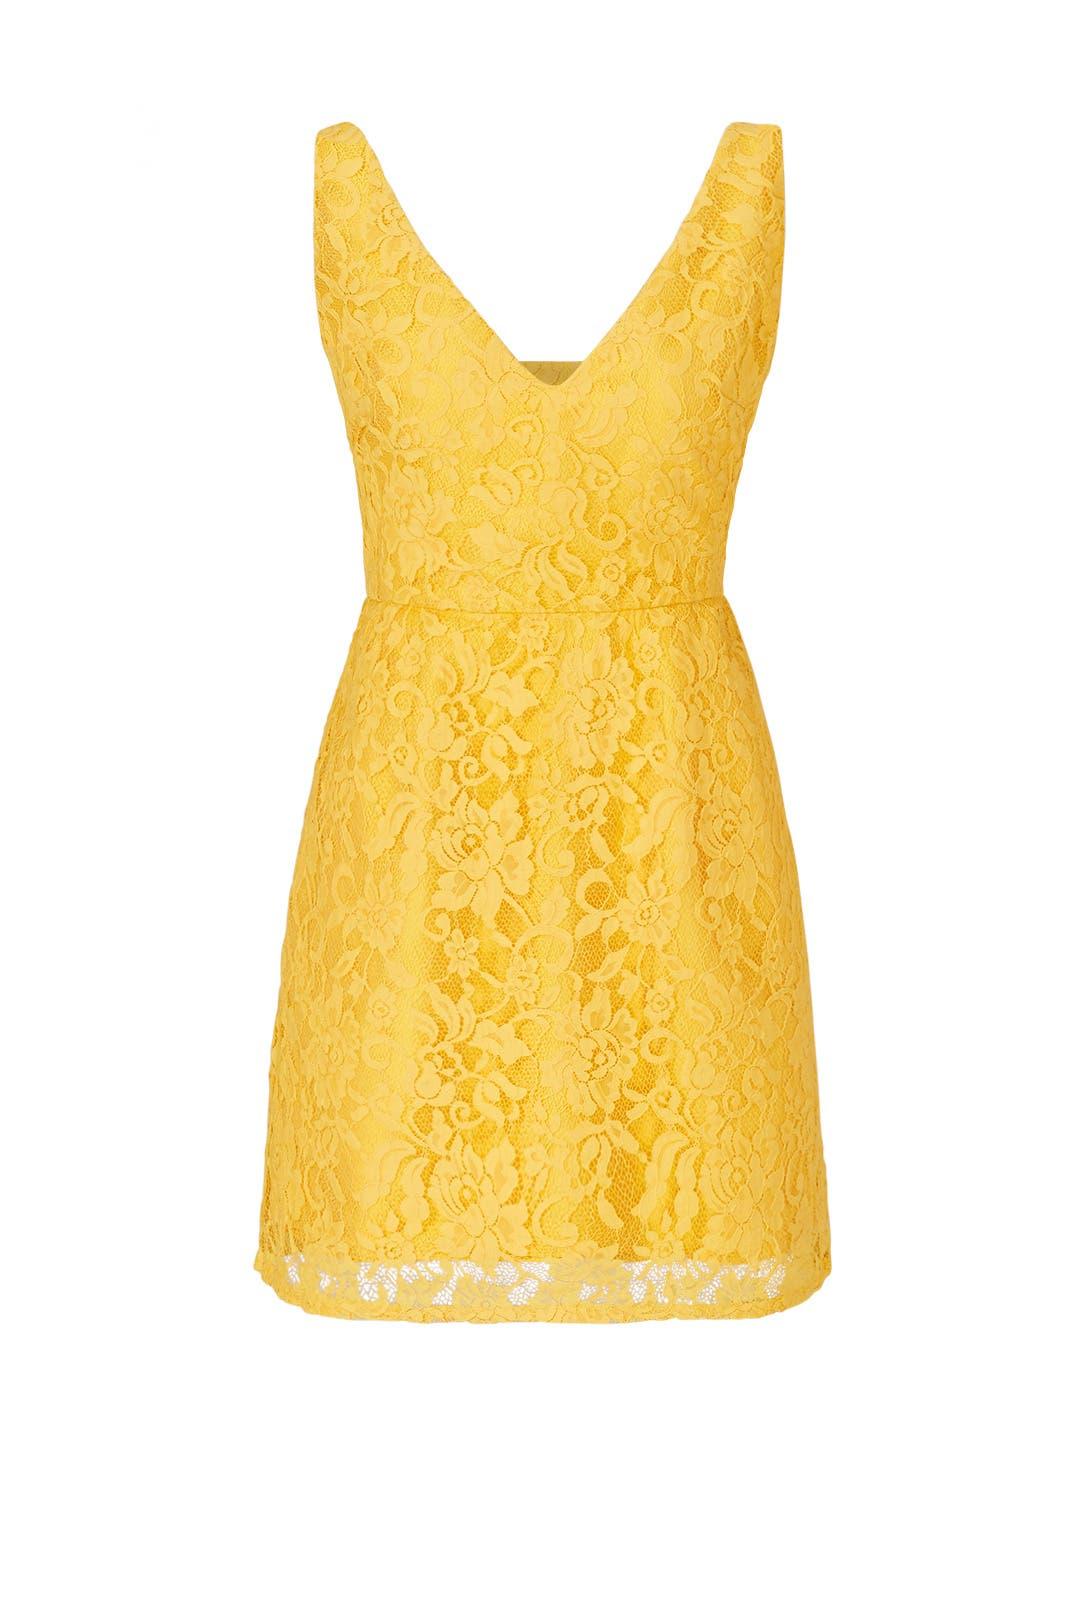 Sunny Dress by ML Monique Lhuillier